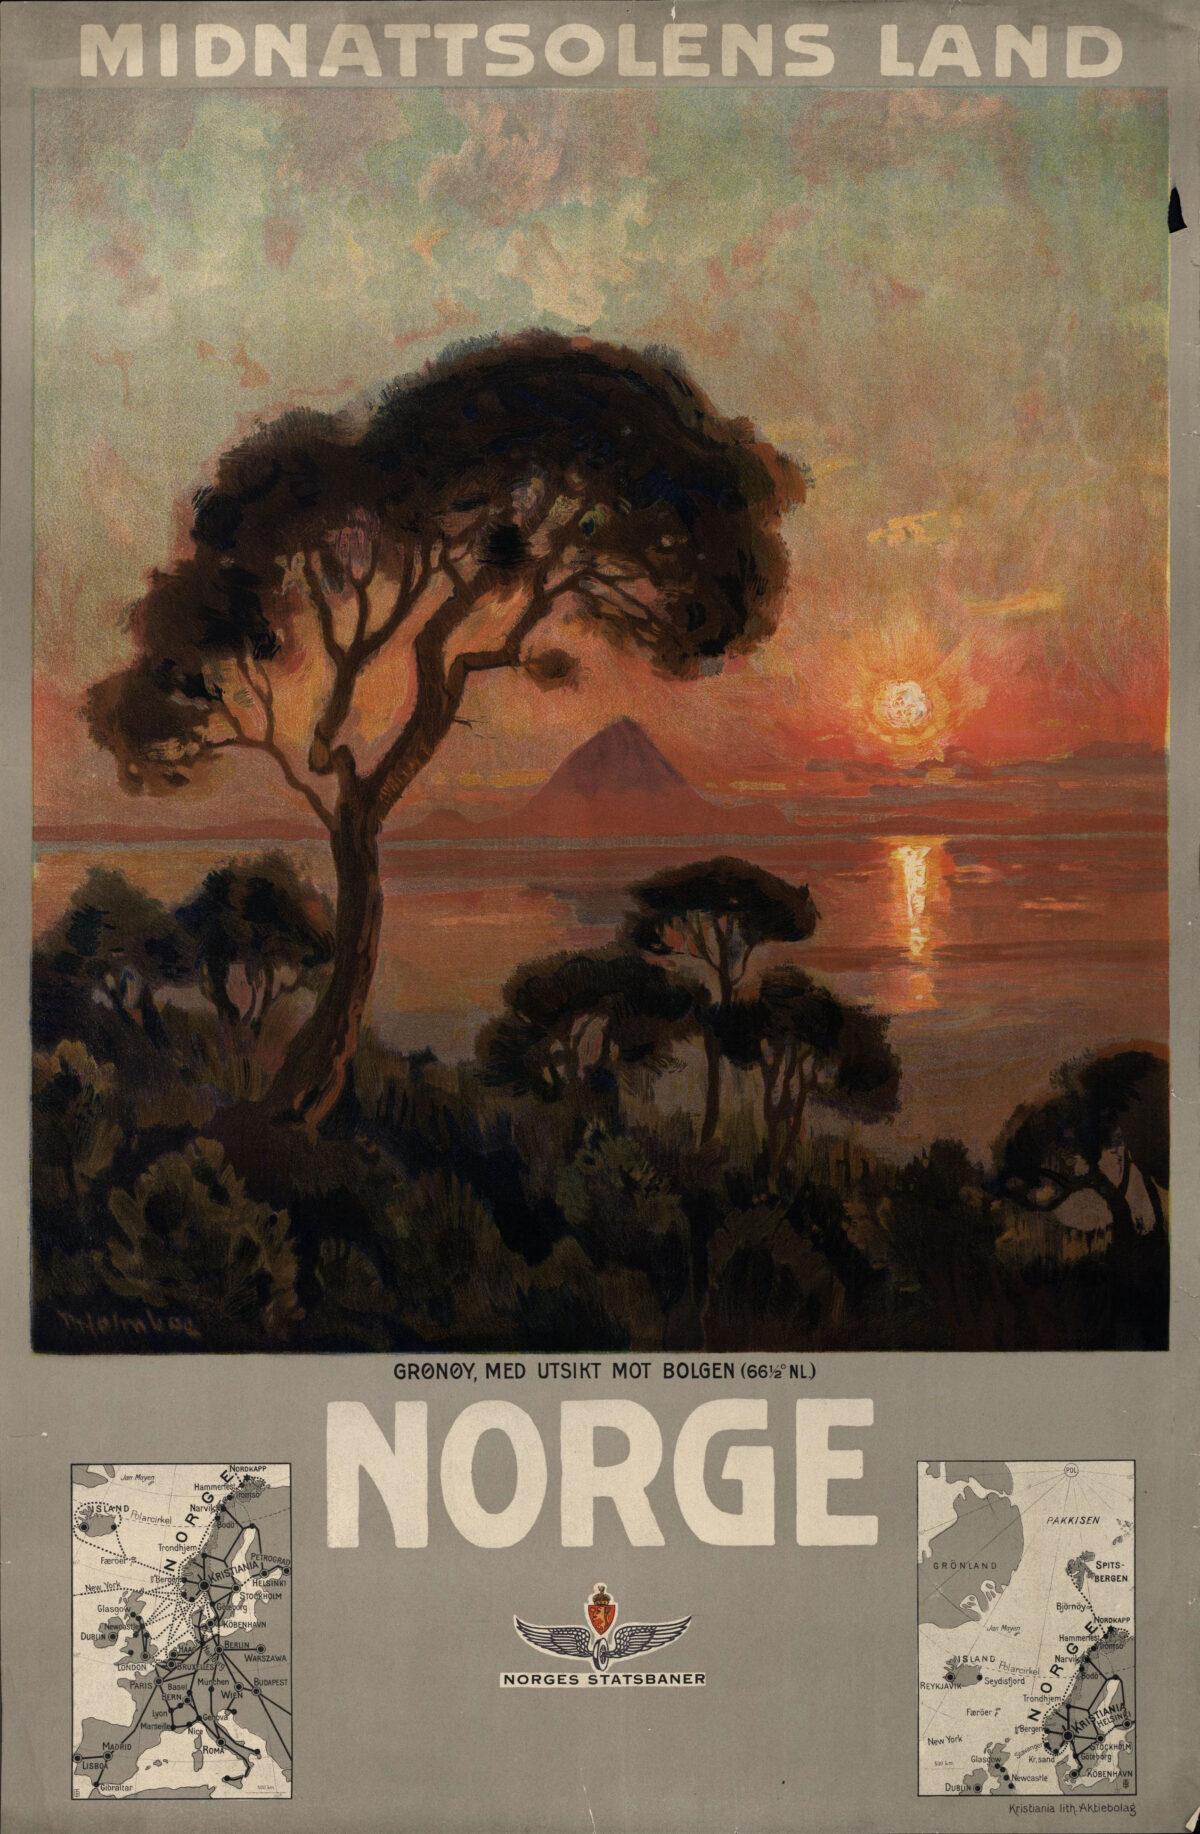 Illustrasjon av trær i forgrunnen, havlandskap med fjell og rød sol, tekst Midnattsolens land - Norge - to kart nederst som viser hvor Norge ligger i Europa og Norskehavet